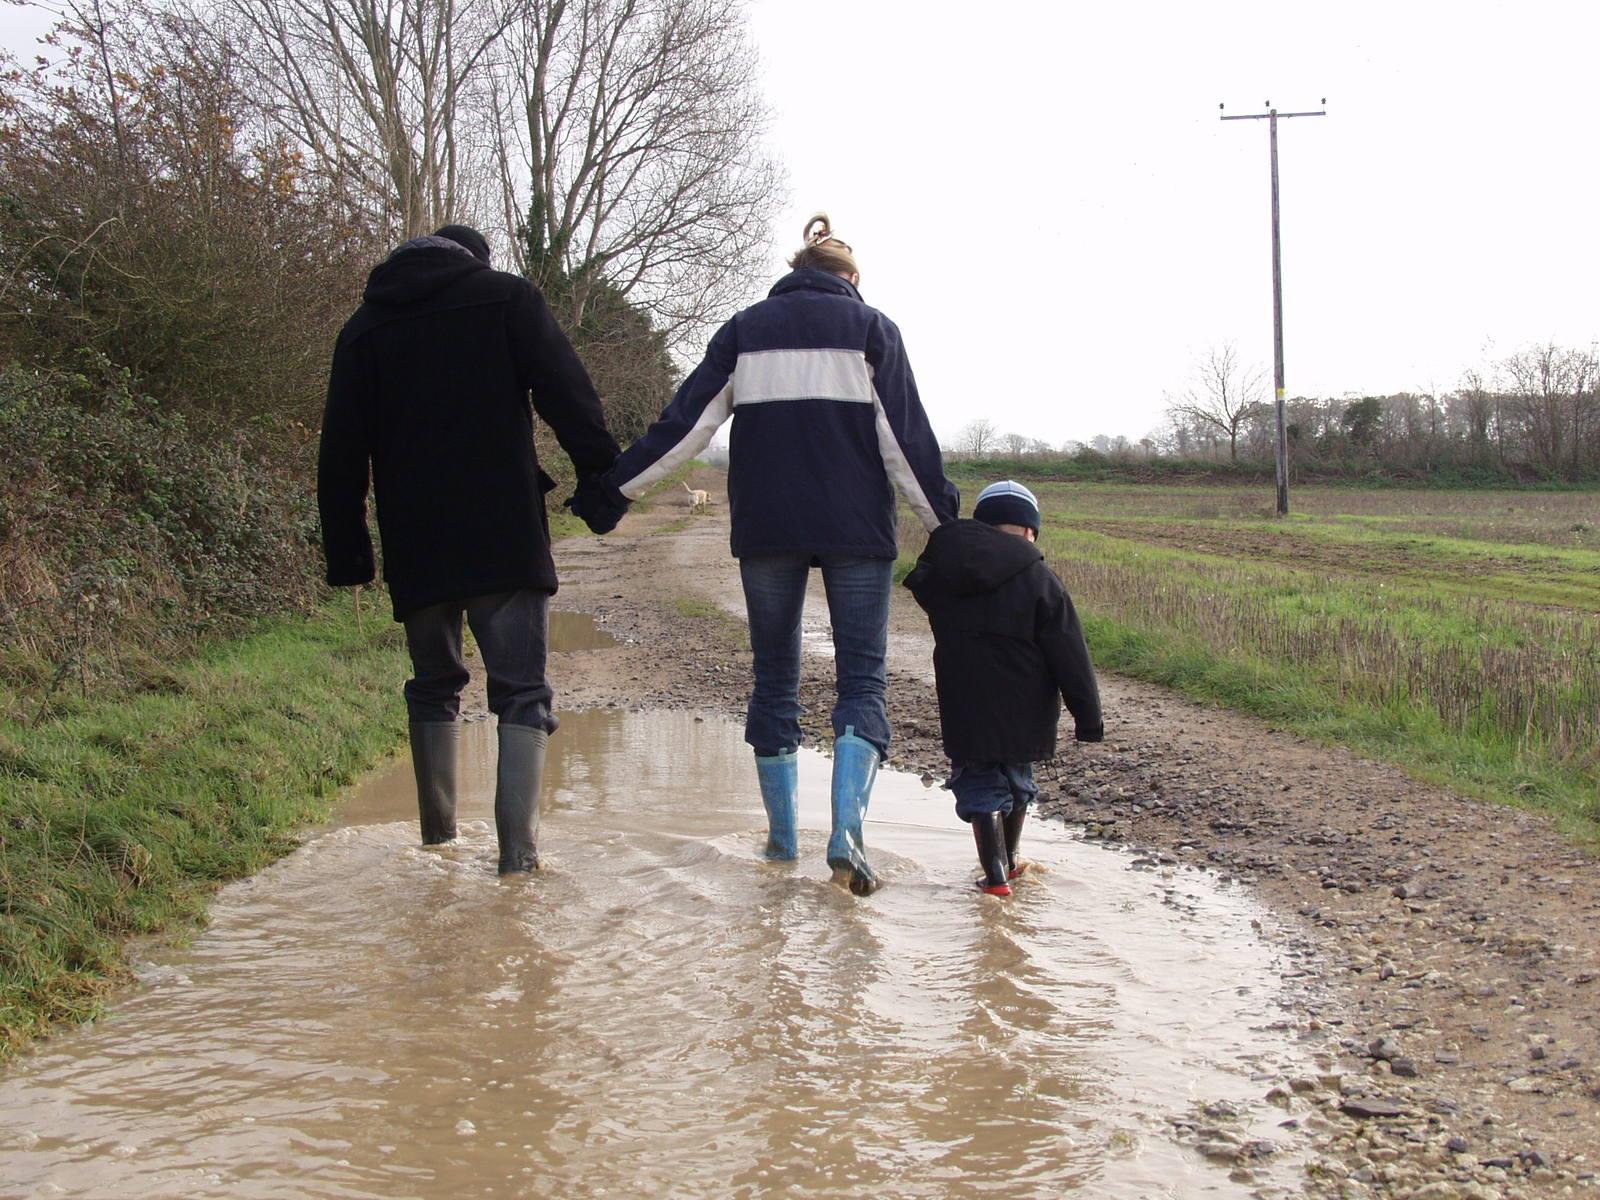 pár s dítětem v gumácích na polní cestě